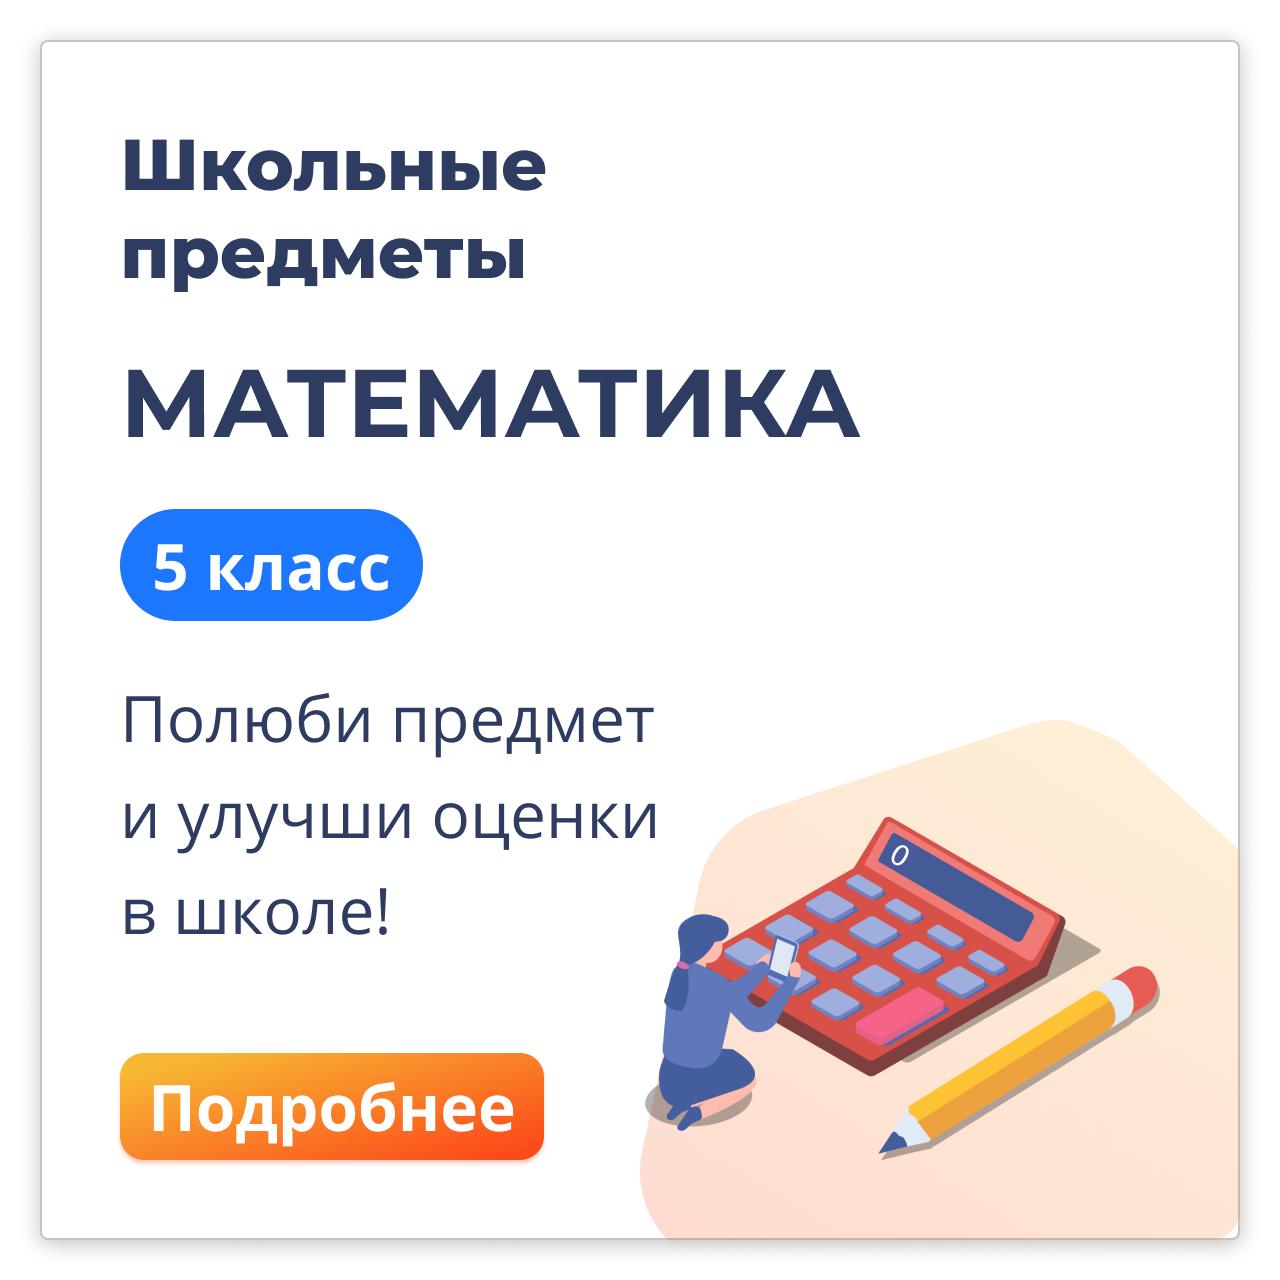 Математика 5 класс мини-группа